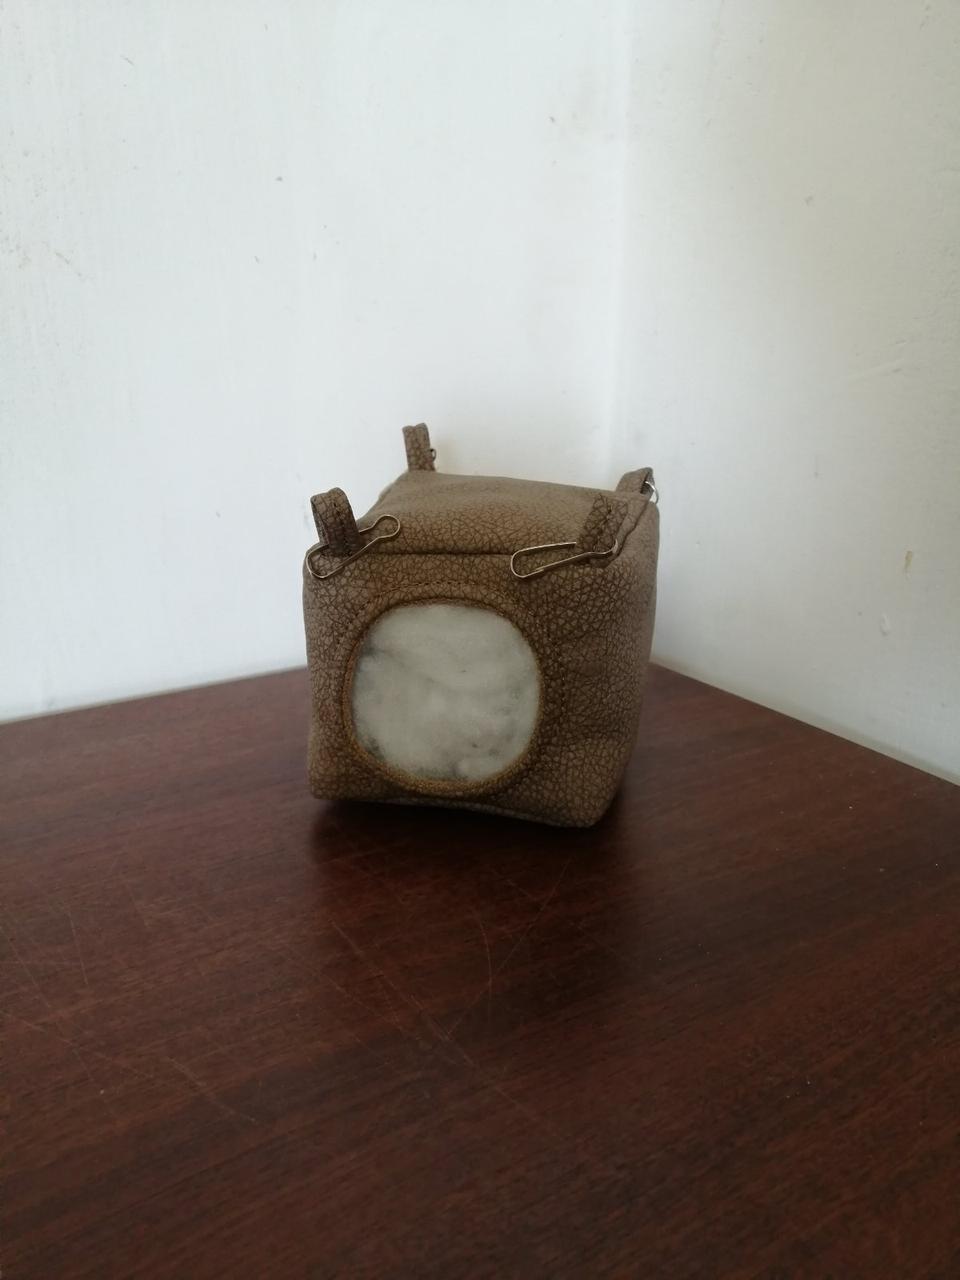 Подвесной домик для мышей,хомяков, 9*9*9 см, Гамак для мышей и хомяков